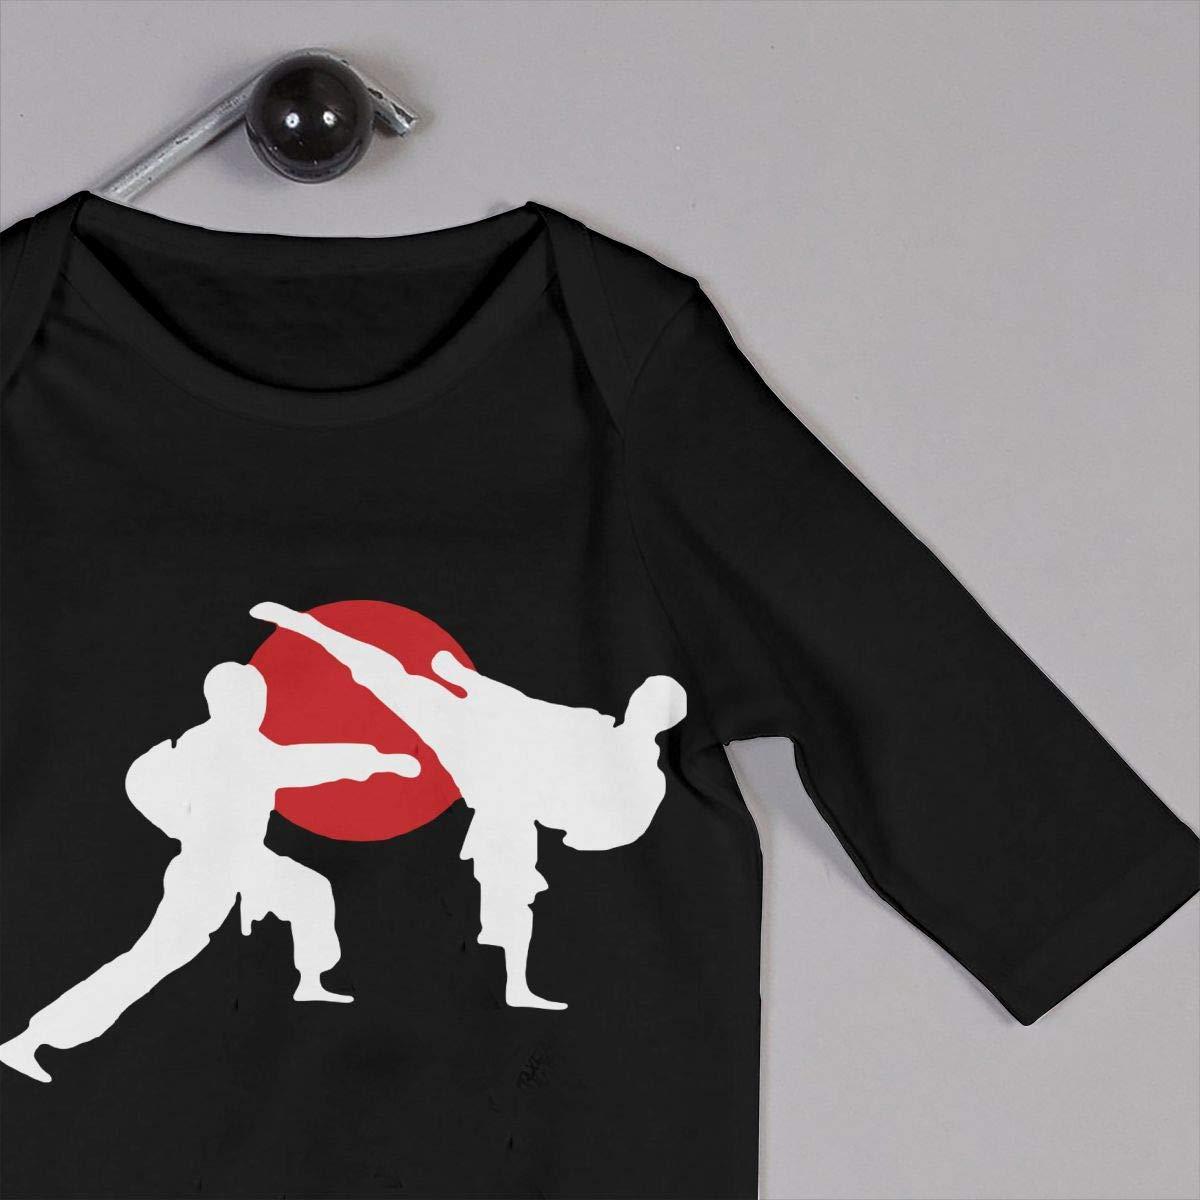 U99oi-9 Long Sleeve Cotton Bodysuit for Baby Girls Boys Cute Two Karate Fighter Sleepwear